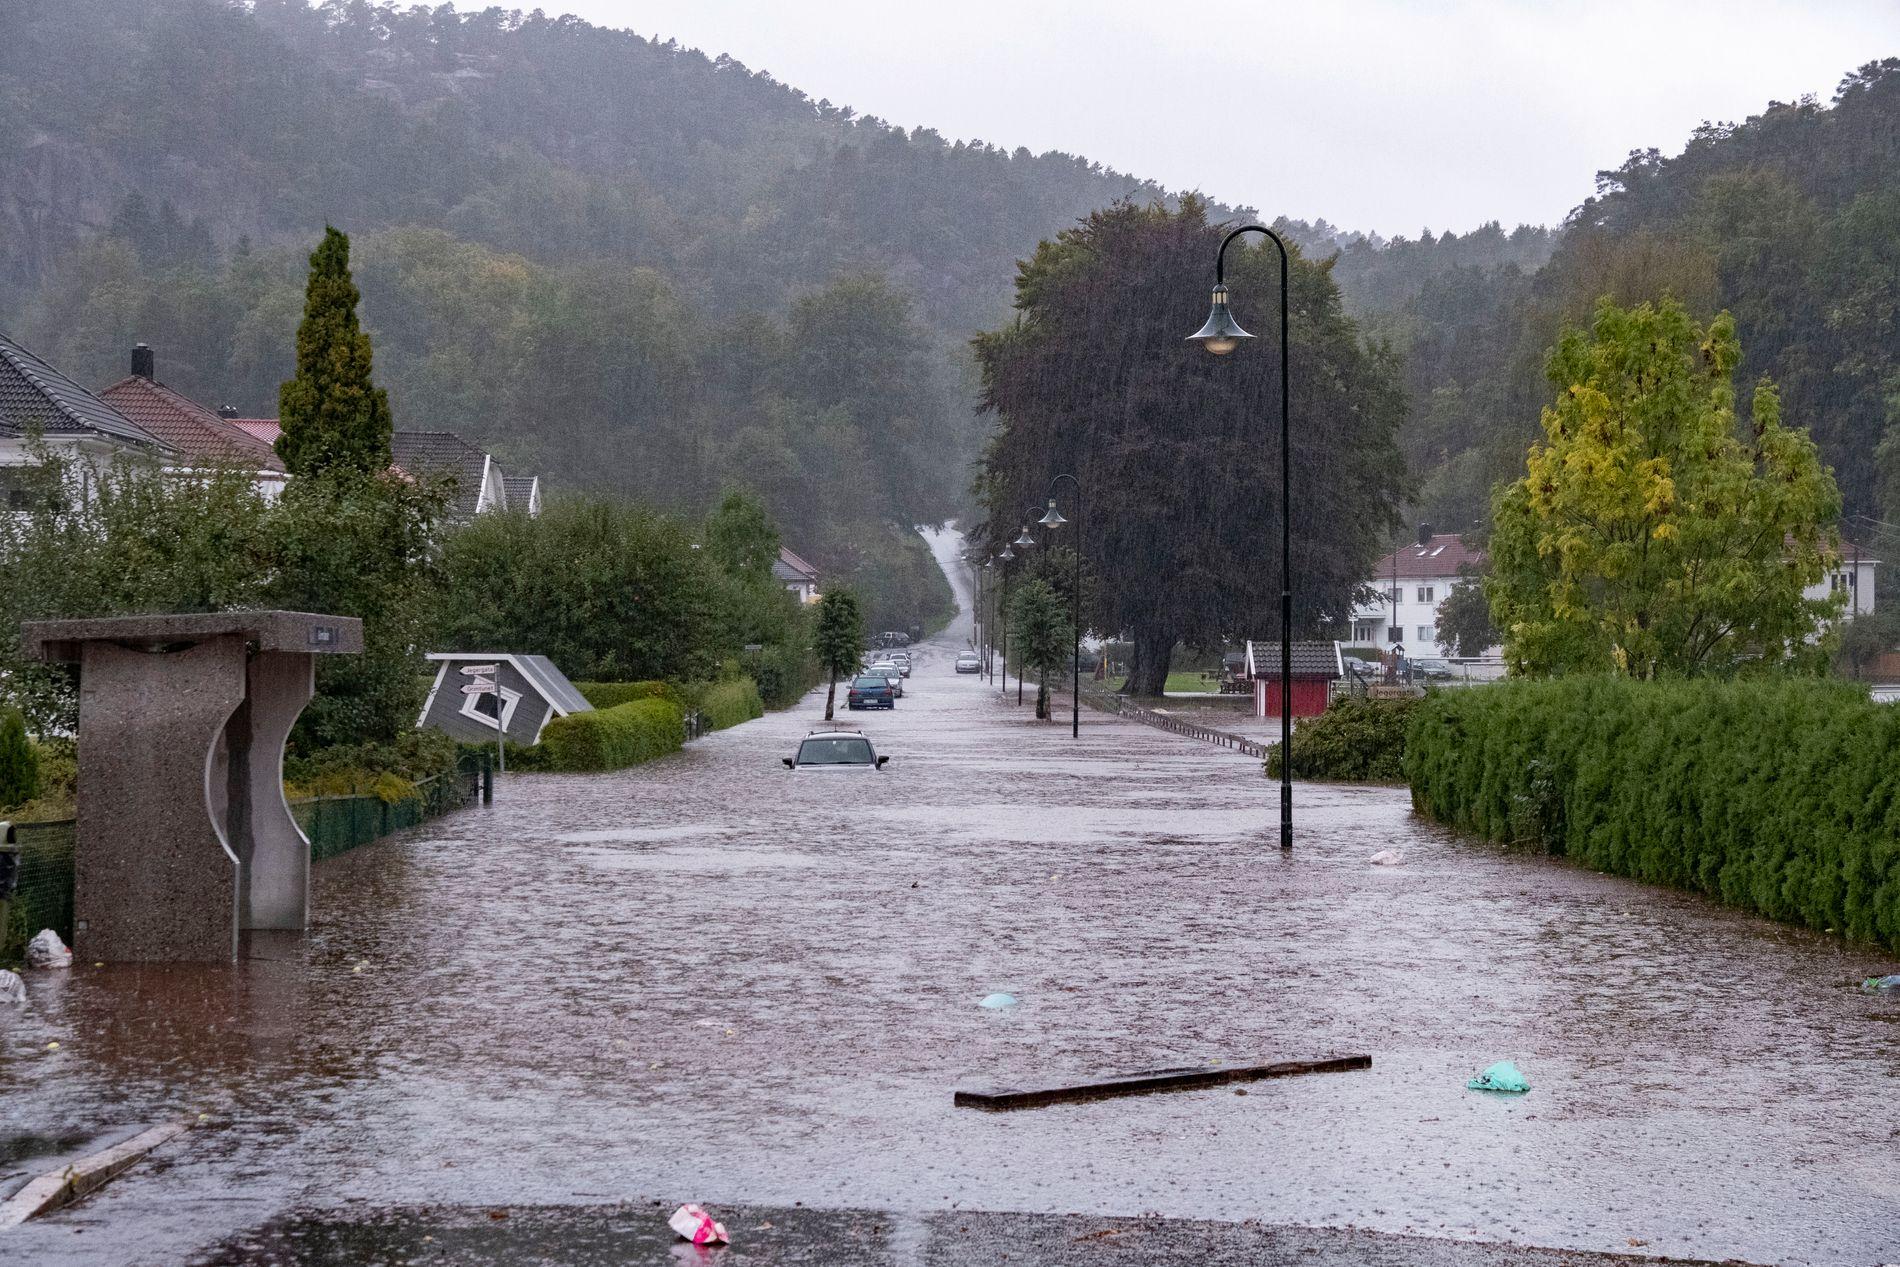 REKORDNEDBØR: Nedbøren i Kristiansand satte flere nye norske rekorder for nedbørsintensitet fredag.